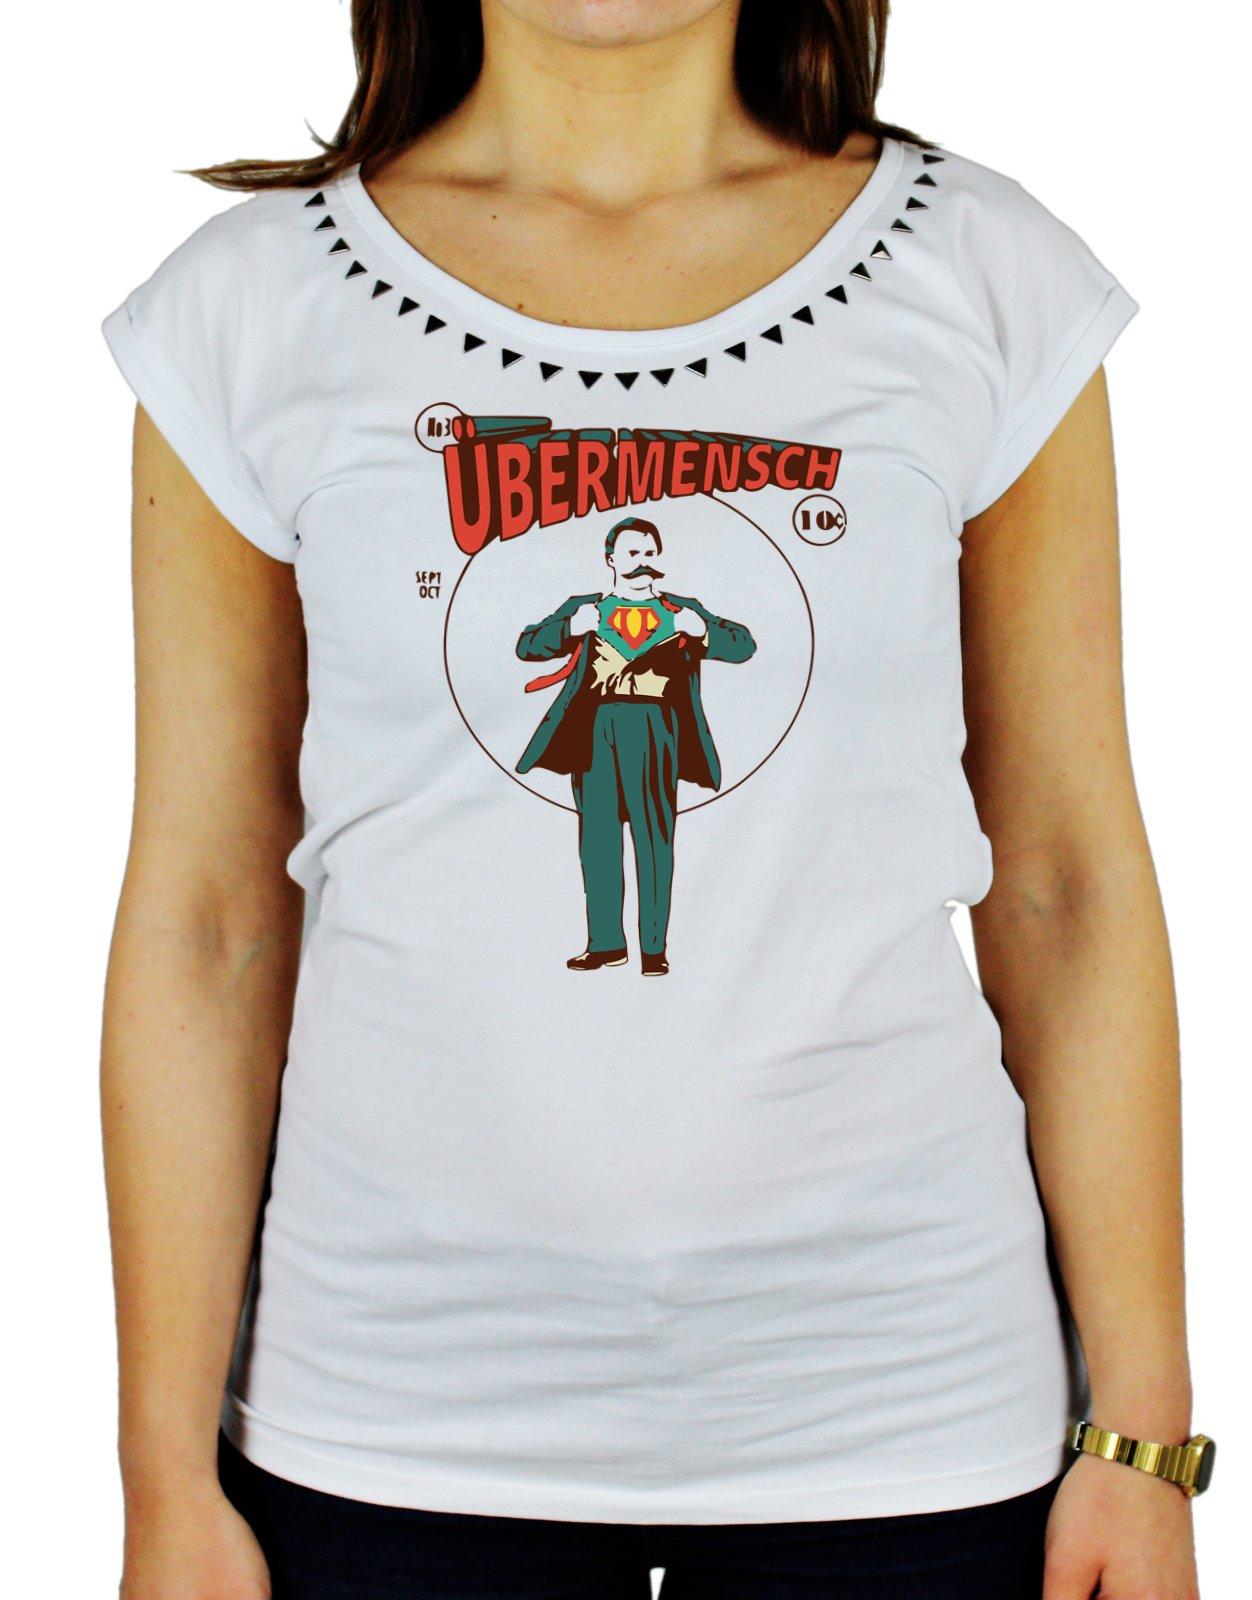 Tshirt da donna con borchie di alta qualità in cotone fiammato ubermensch - Tutte le taglie by Tshi